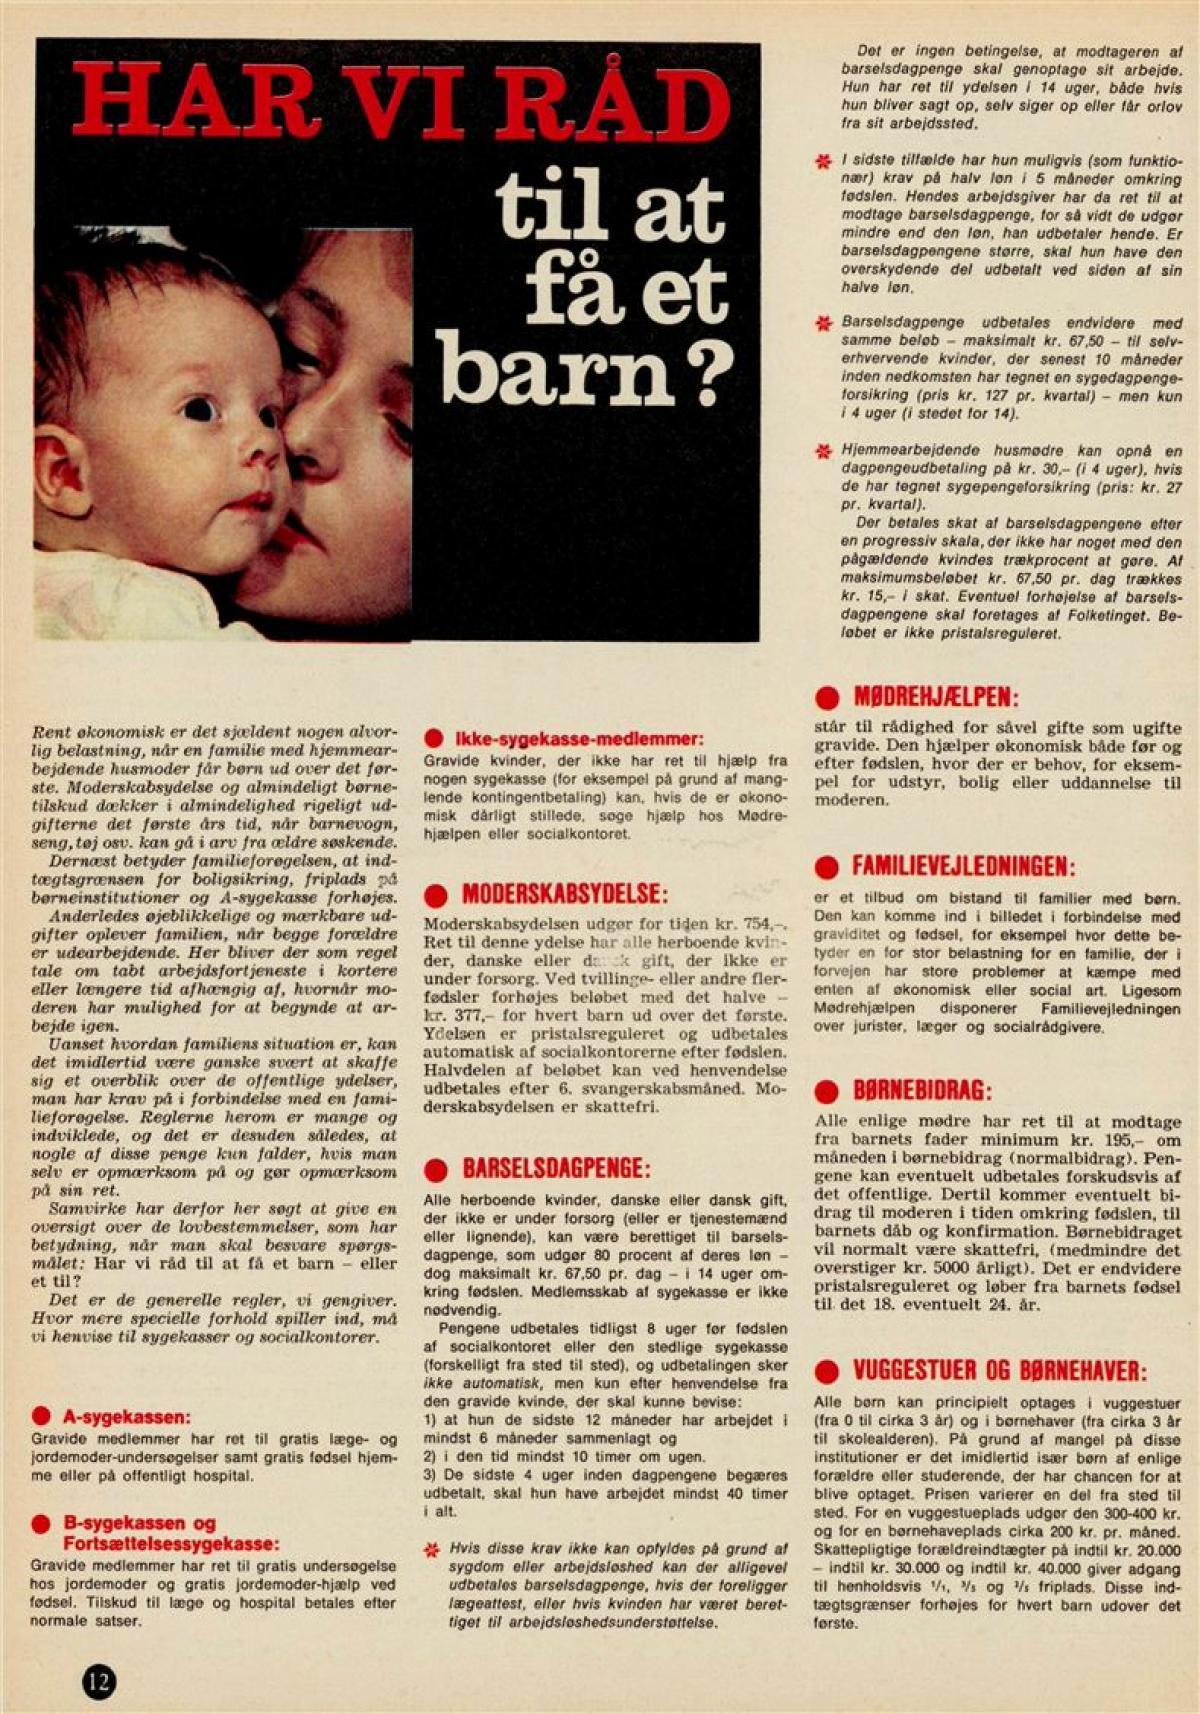 9883a48d5 Samvirke | Har vi råd til at få et barn?